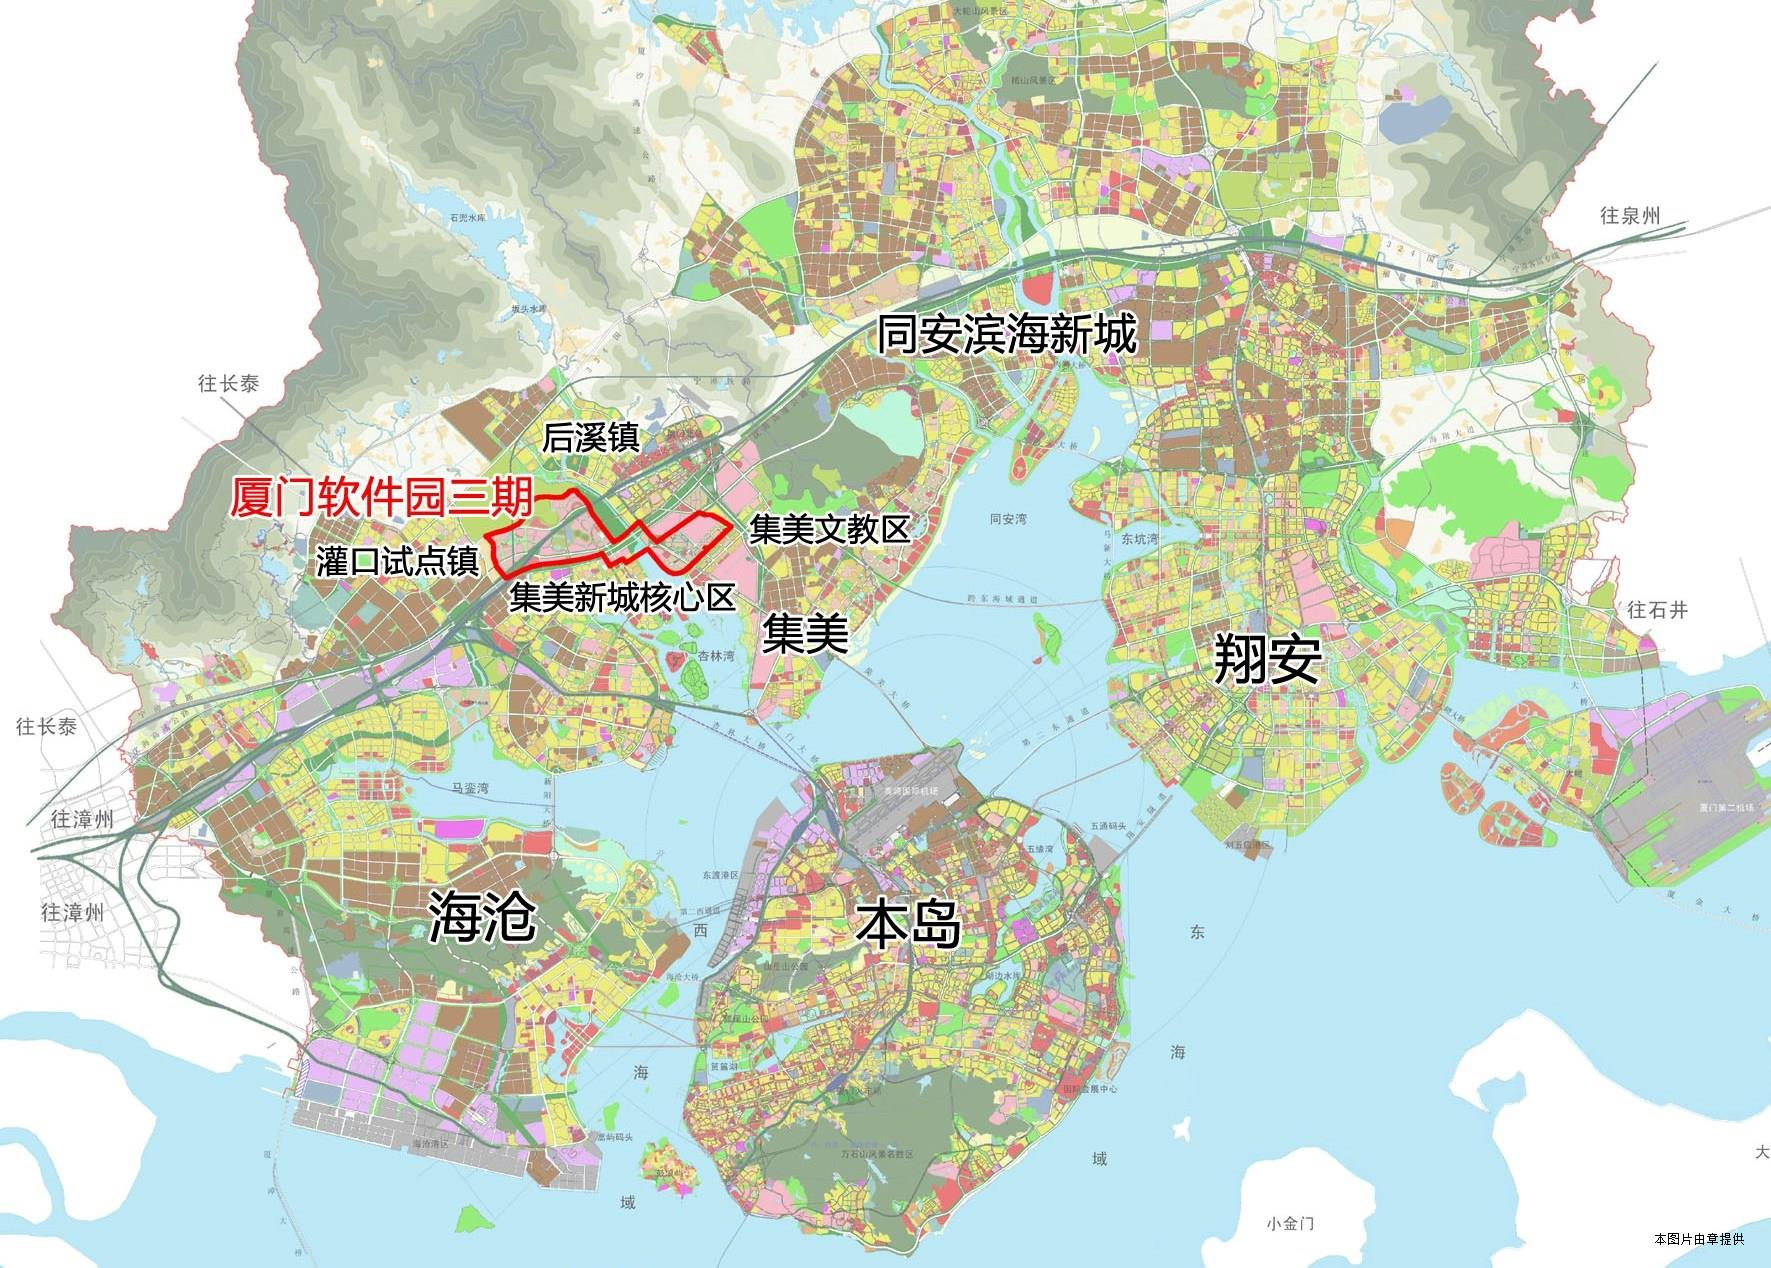 集美手绘地图展示